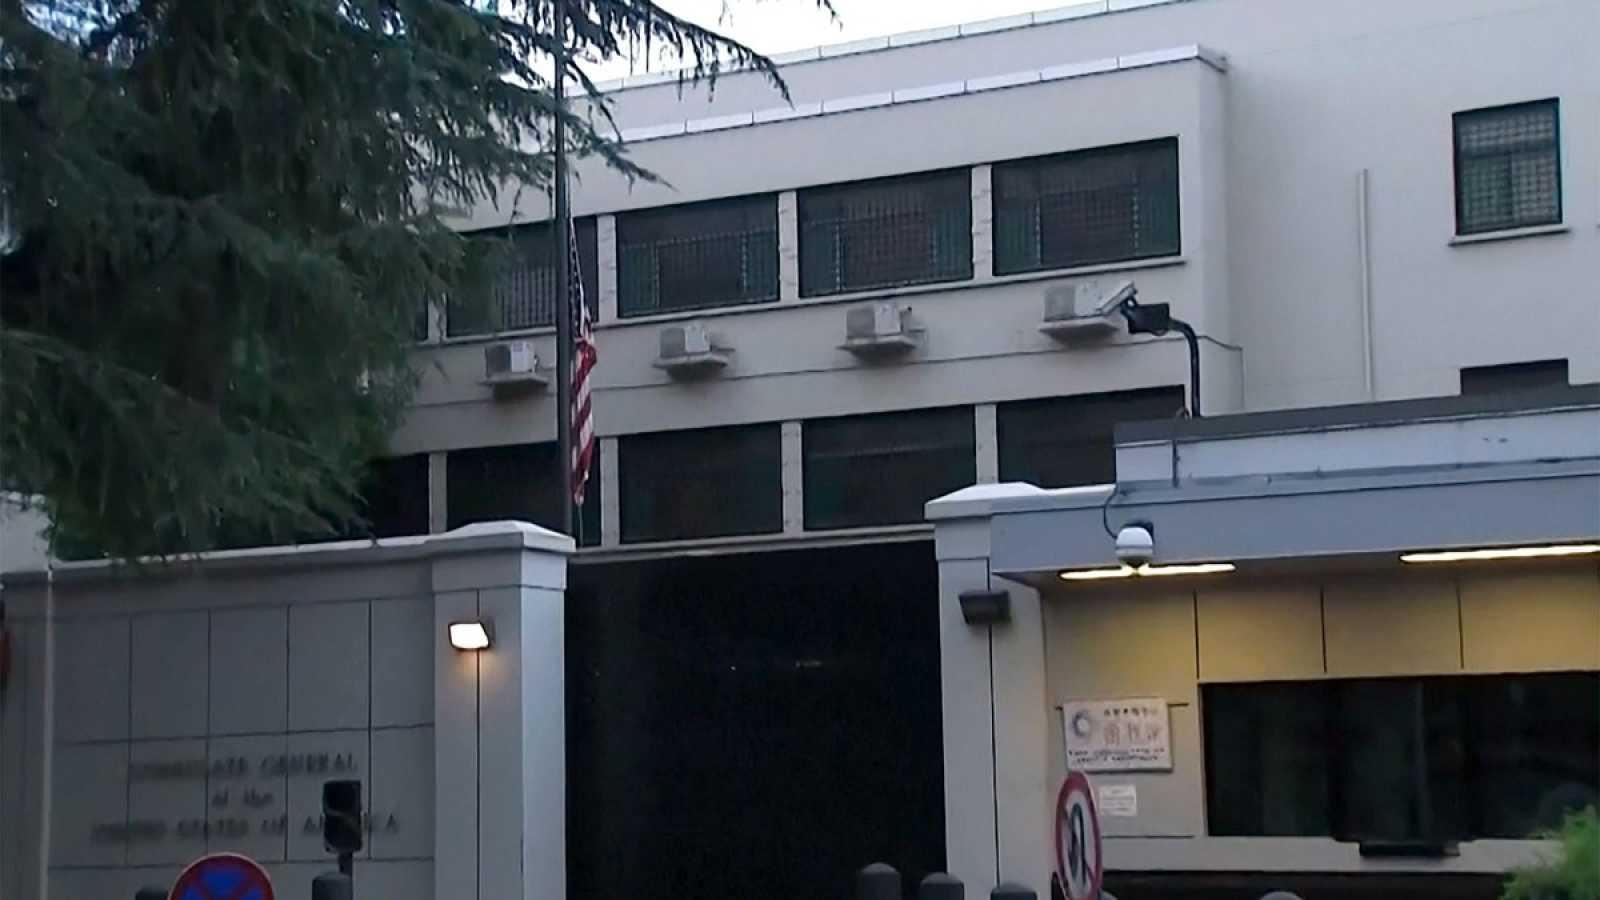 Arrían la bandera estadounidense del consulado de Chengdu, en una captura del vídeo emitido por la televisión estatal china